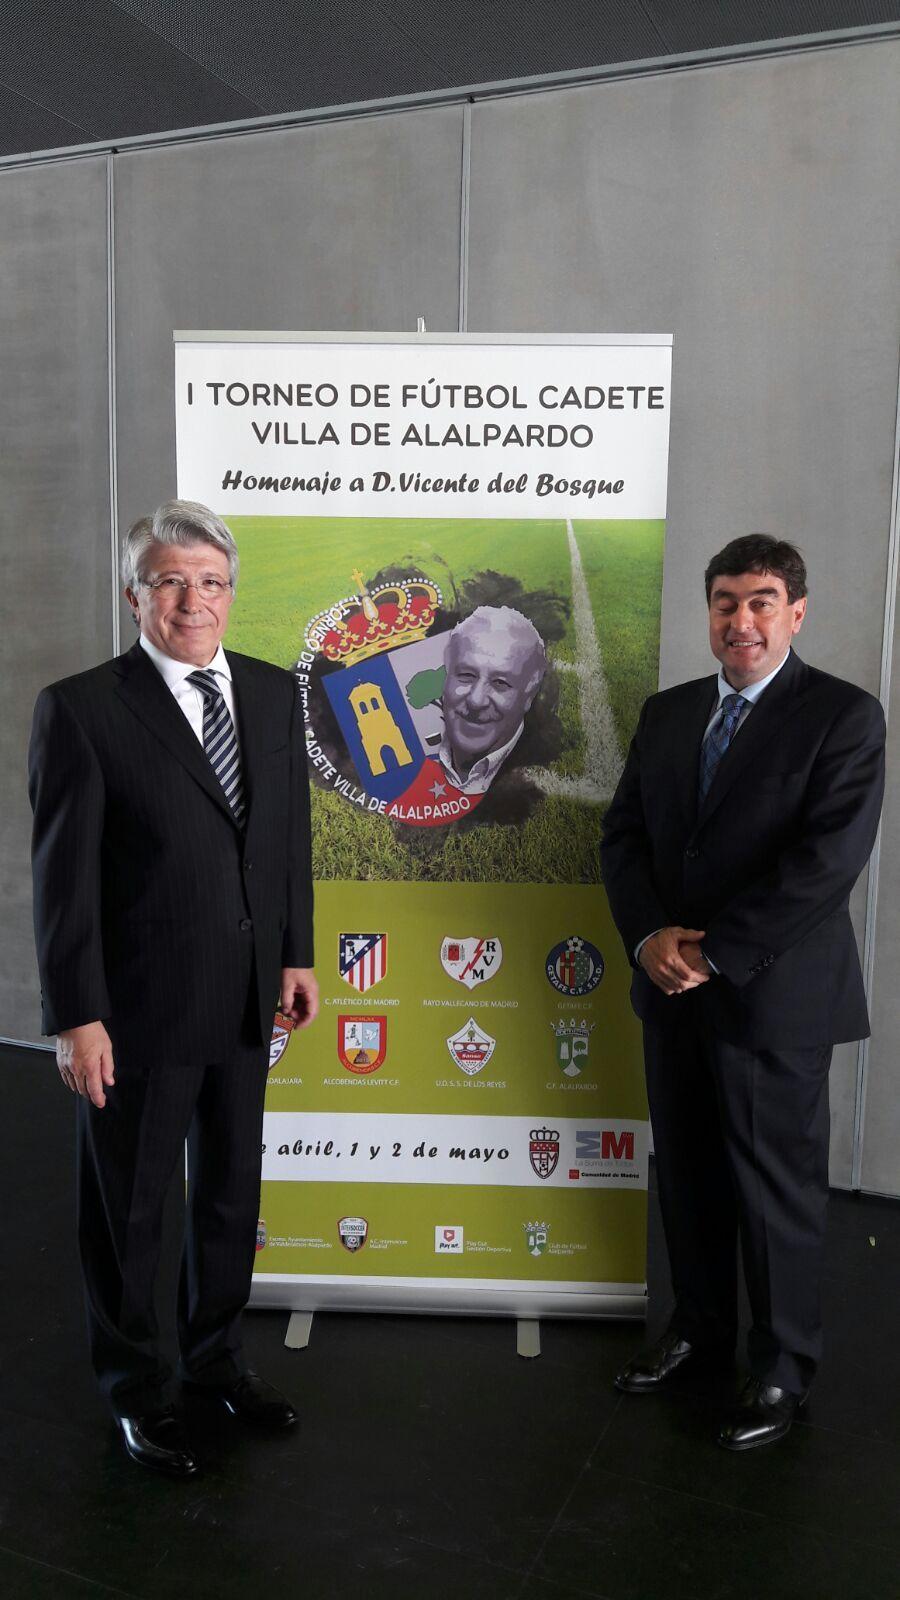 Presidente del Atlético de Madrid